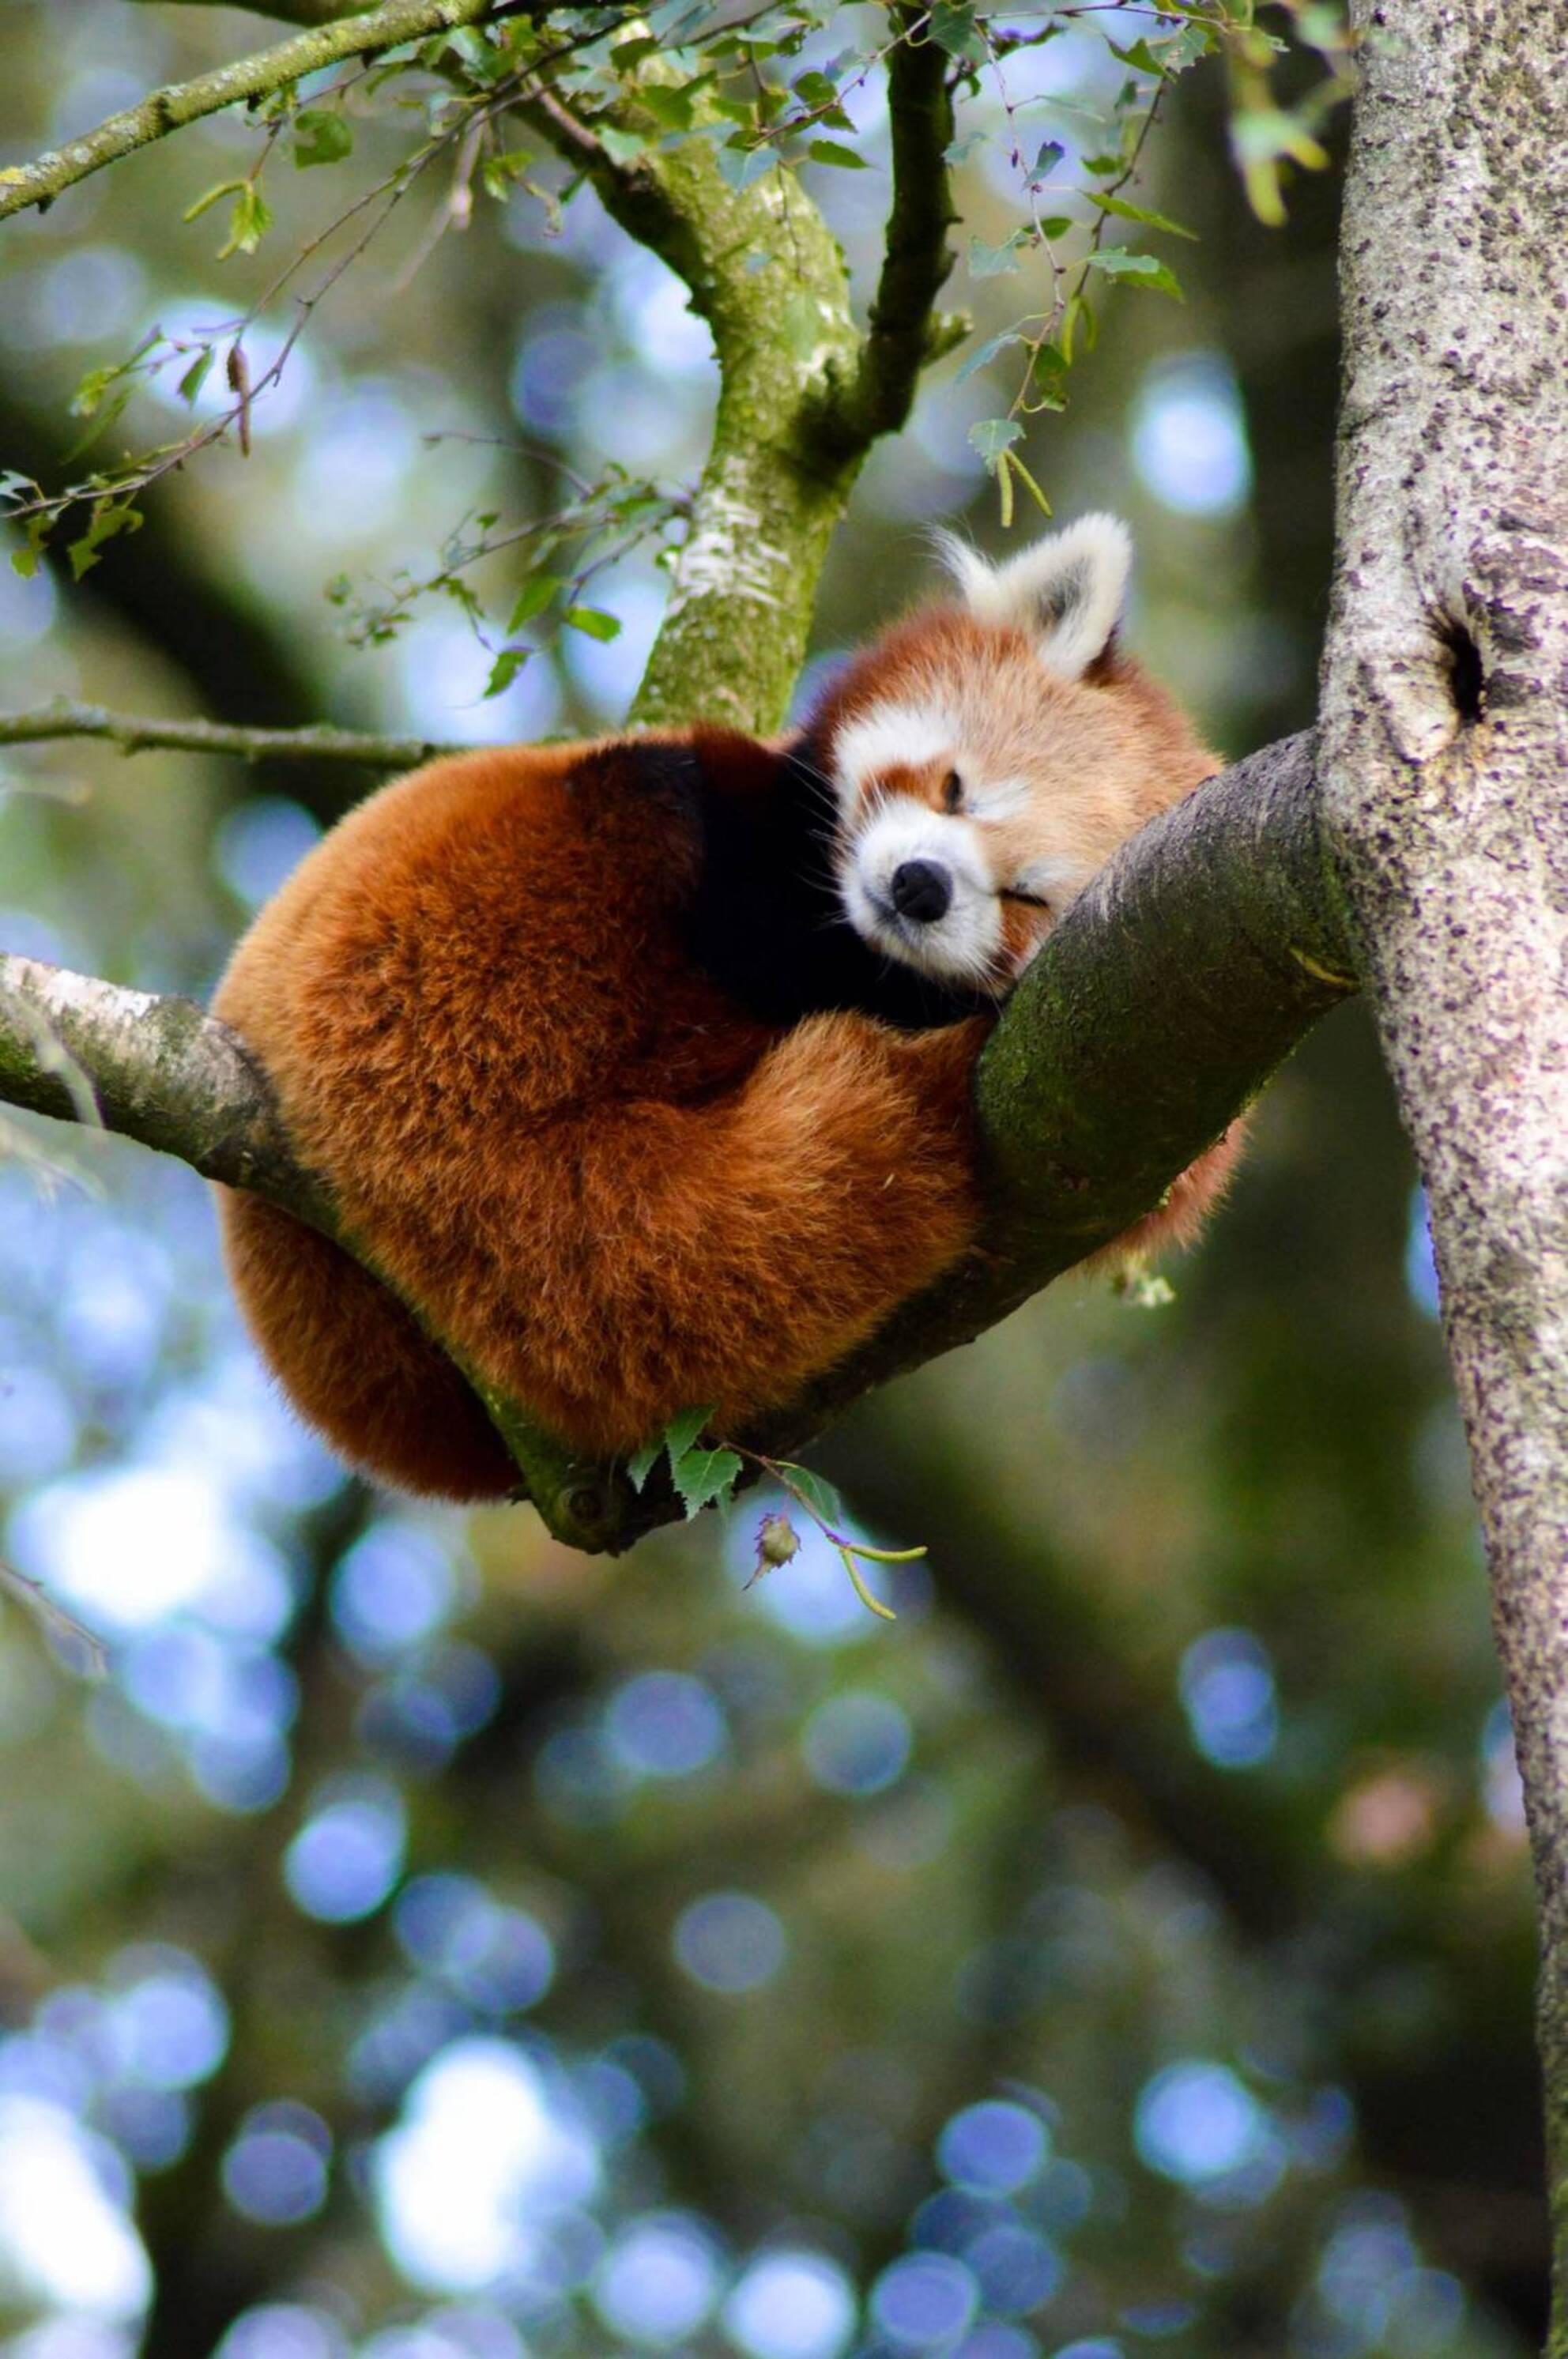 So fluffy - - - foto door Lauravdakker op 26-02-2021 - deze foto bevat: dierentuin, panda, ouwehand, Rode panda - Deze foto mag gebruikt worden in een Zoom.nl publicatie